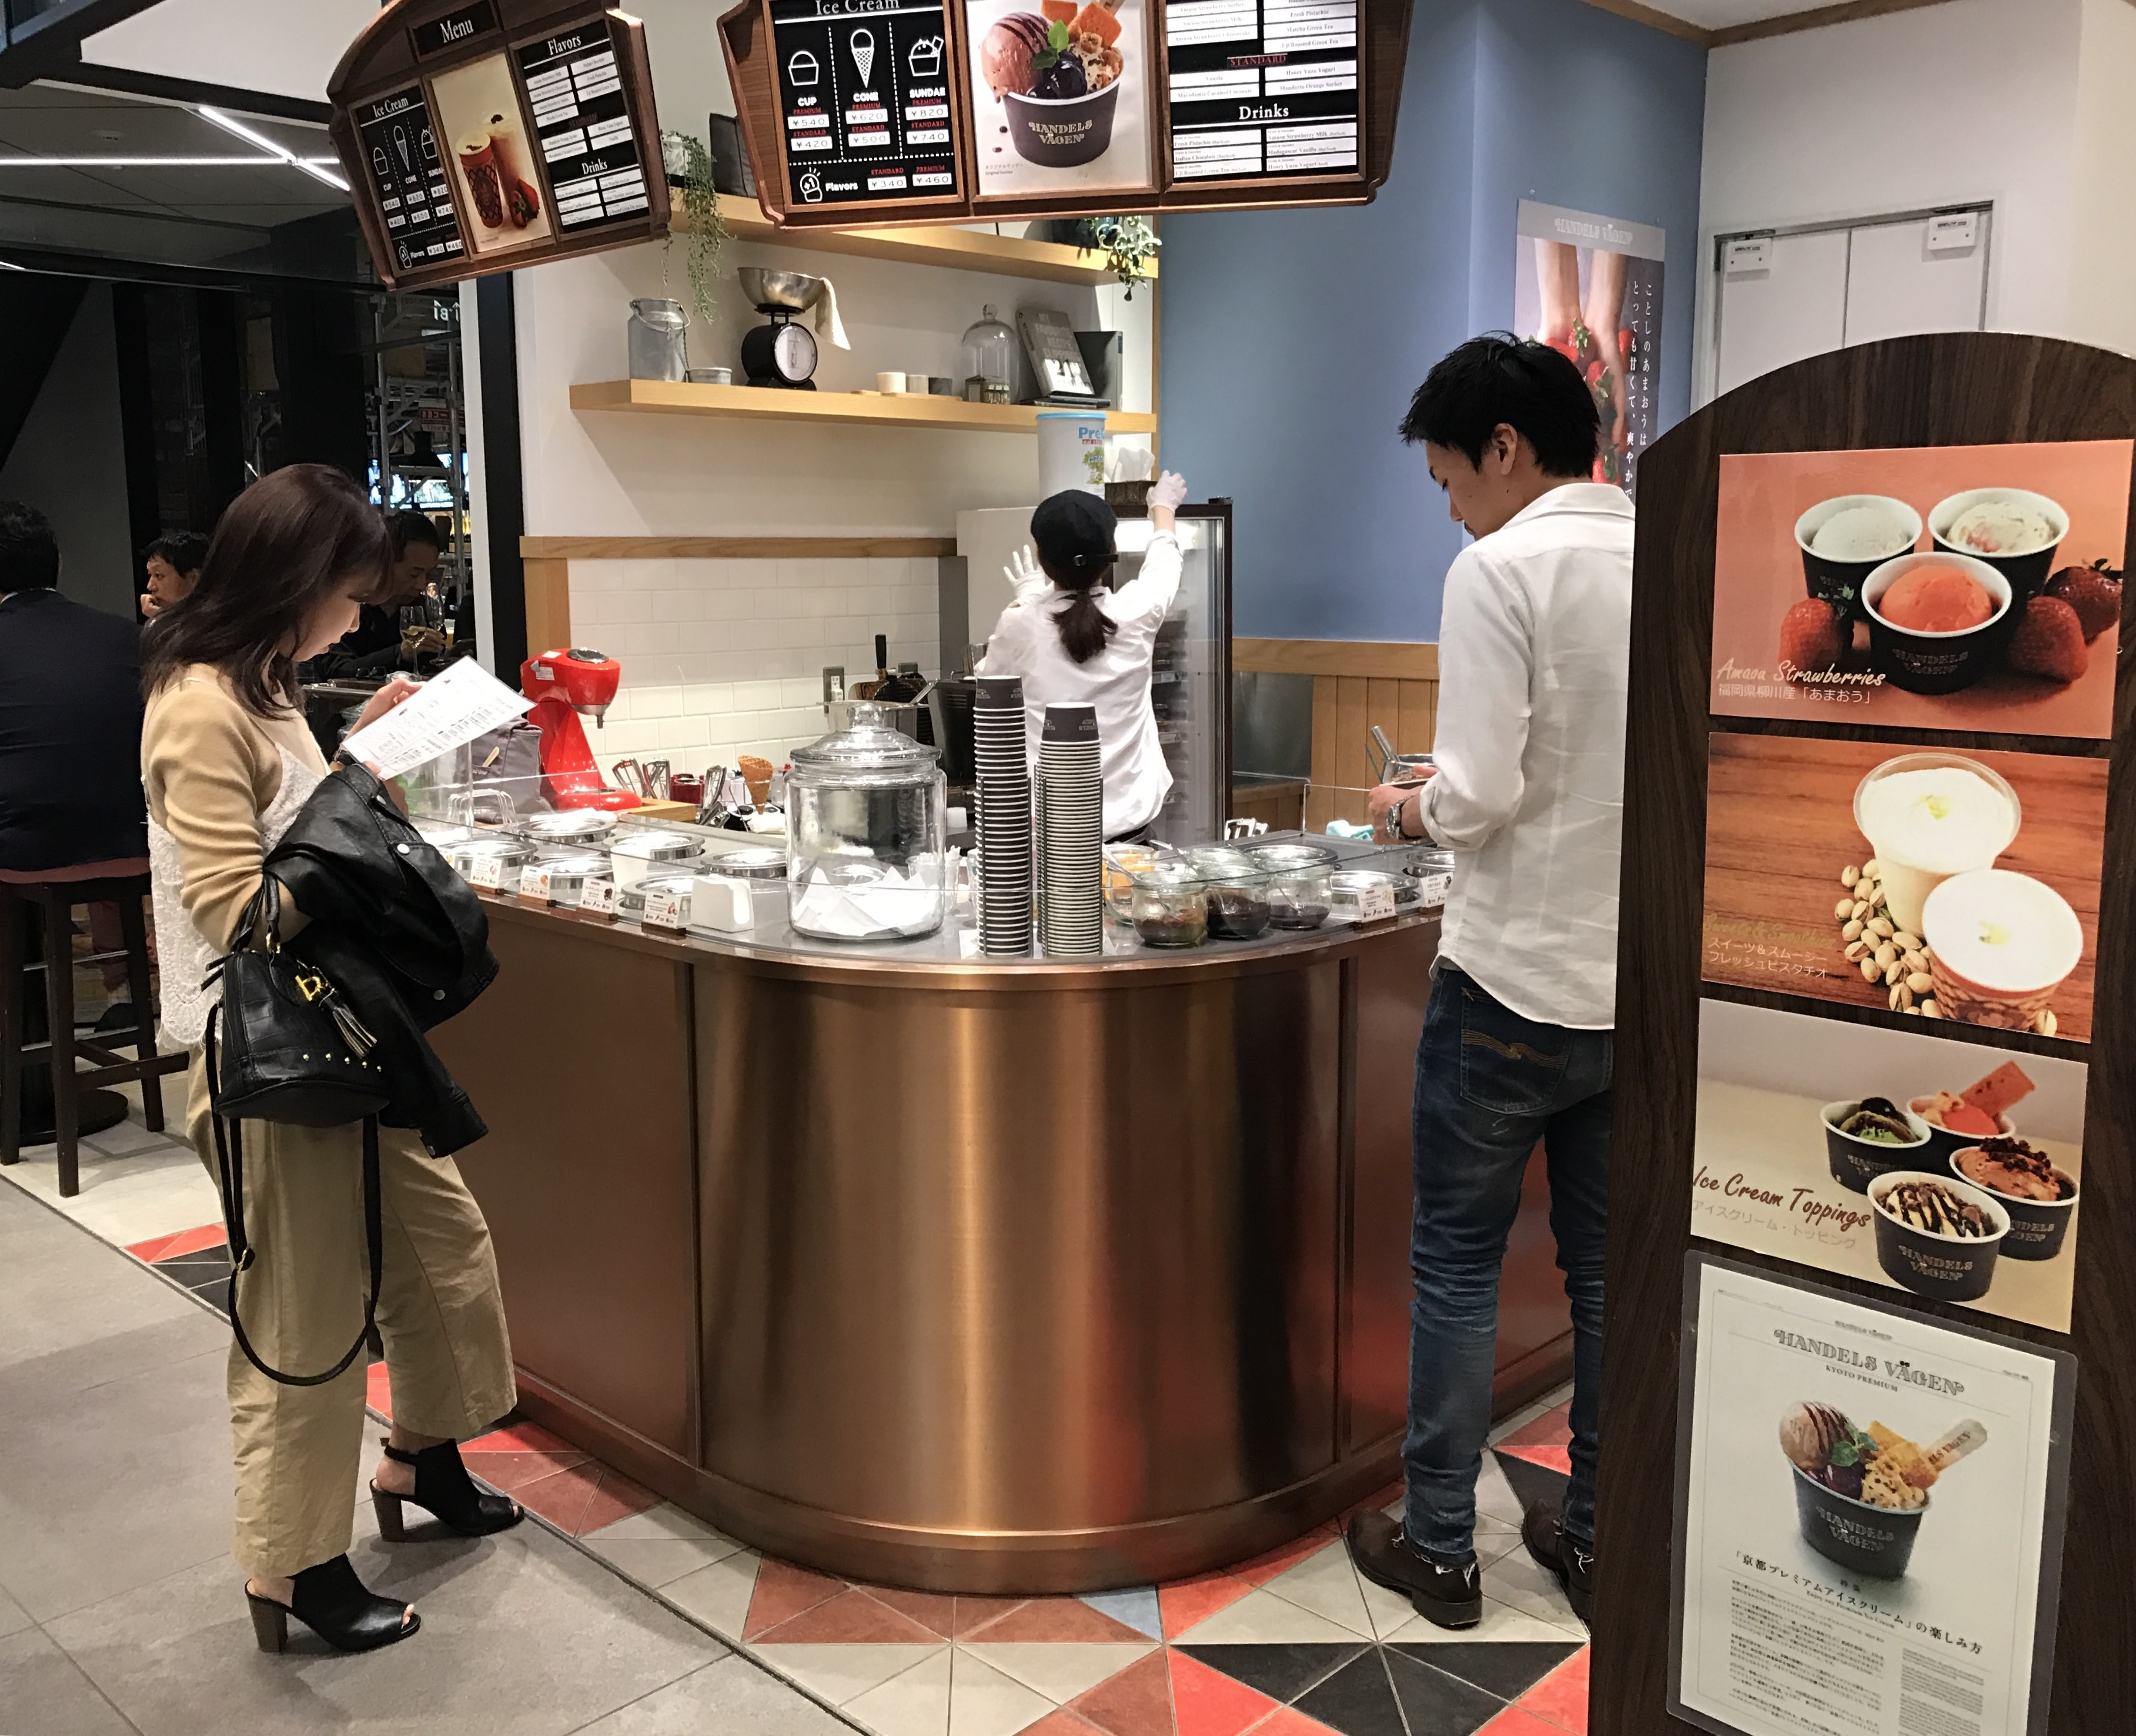 京都発祥アイス専門店《ハンデルスベーゲン》に行ってみた♡_1_1